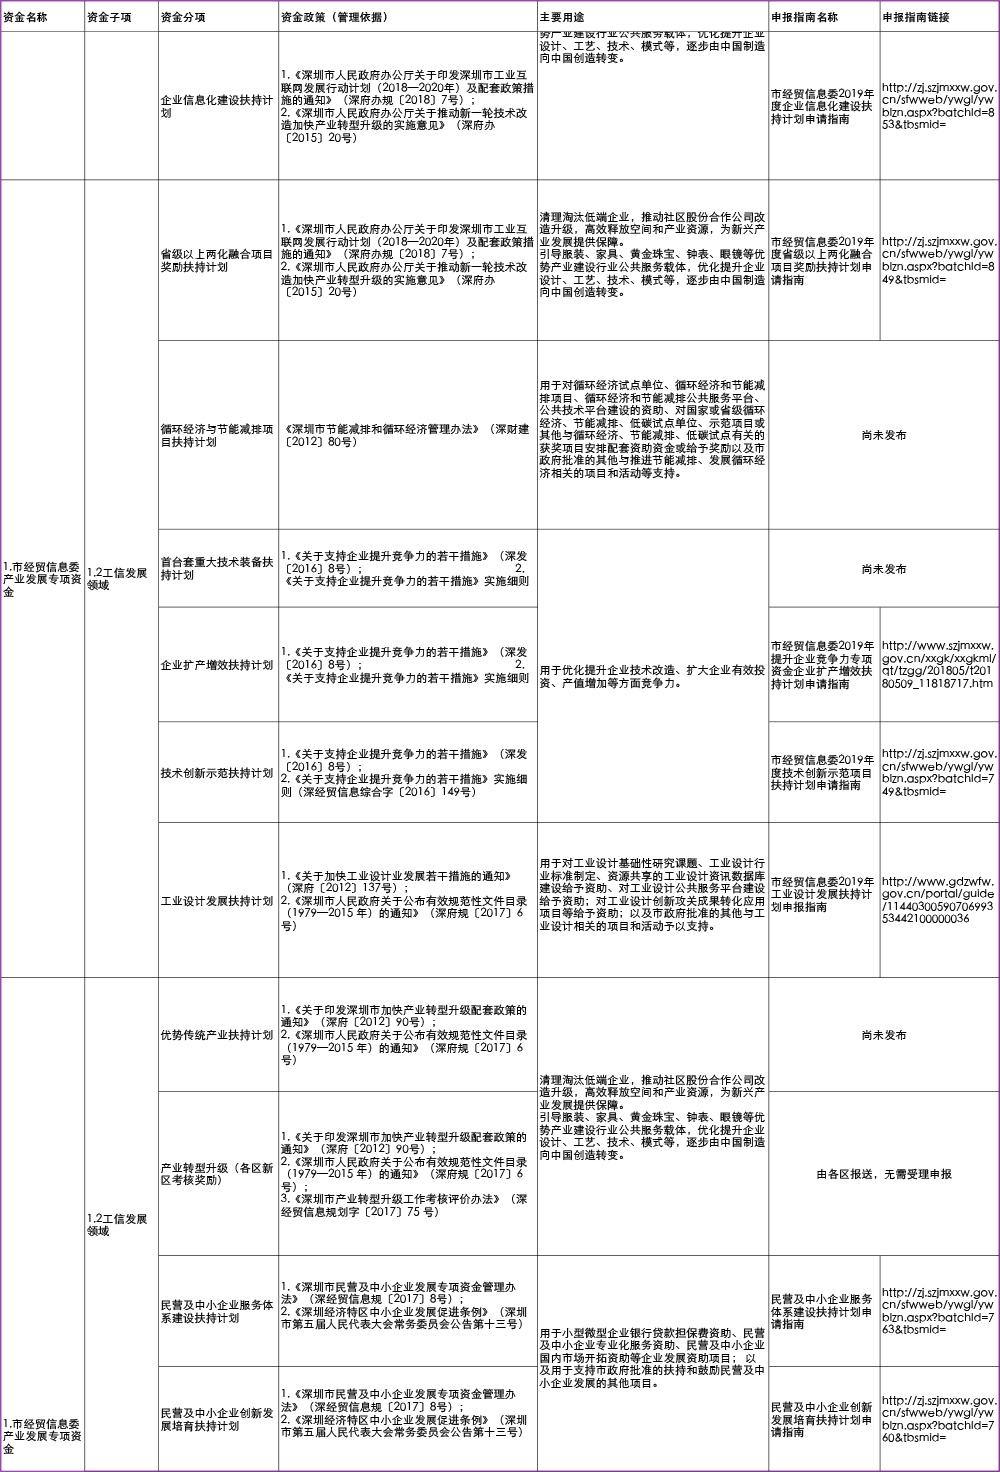 深圳市2019年市级财政专项资金清单目录-3